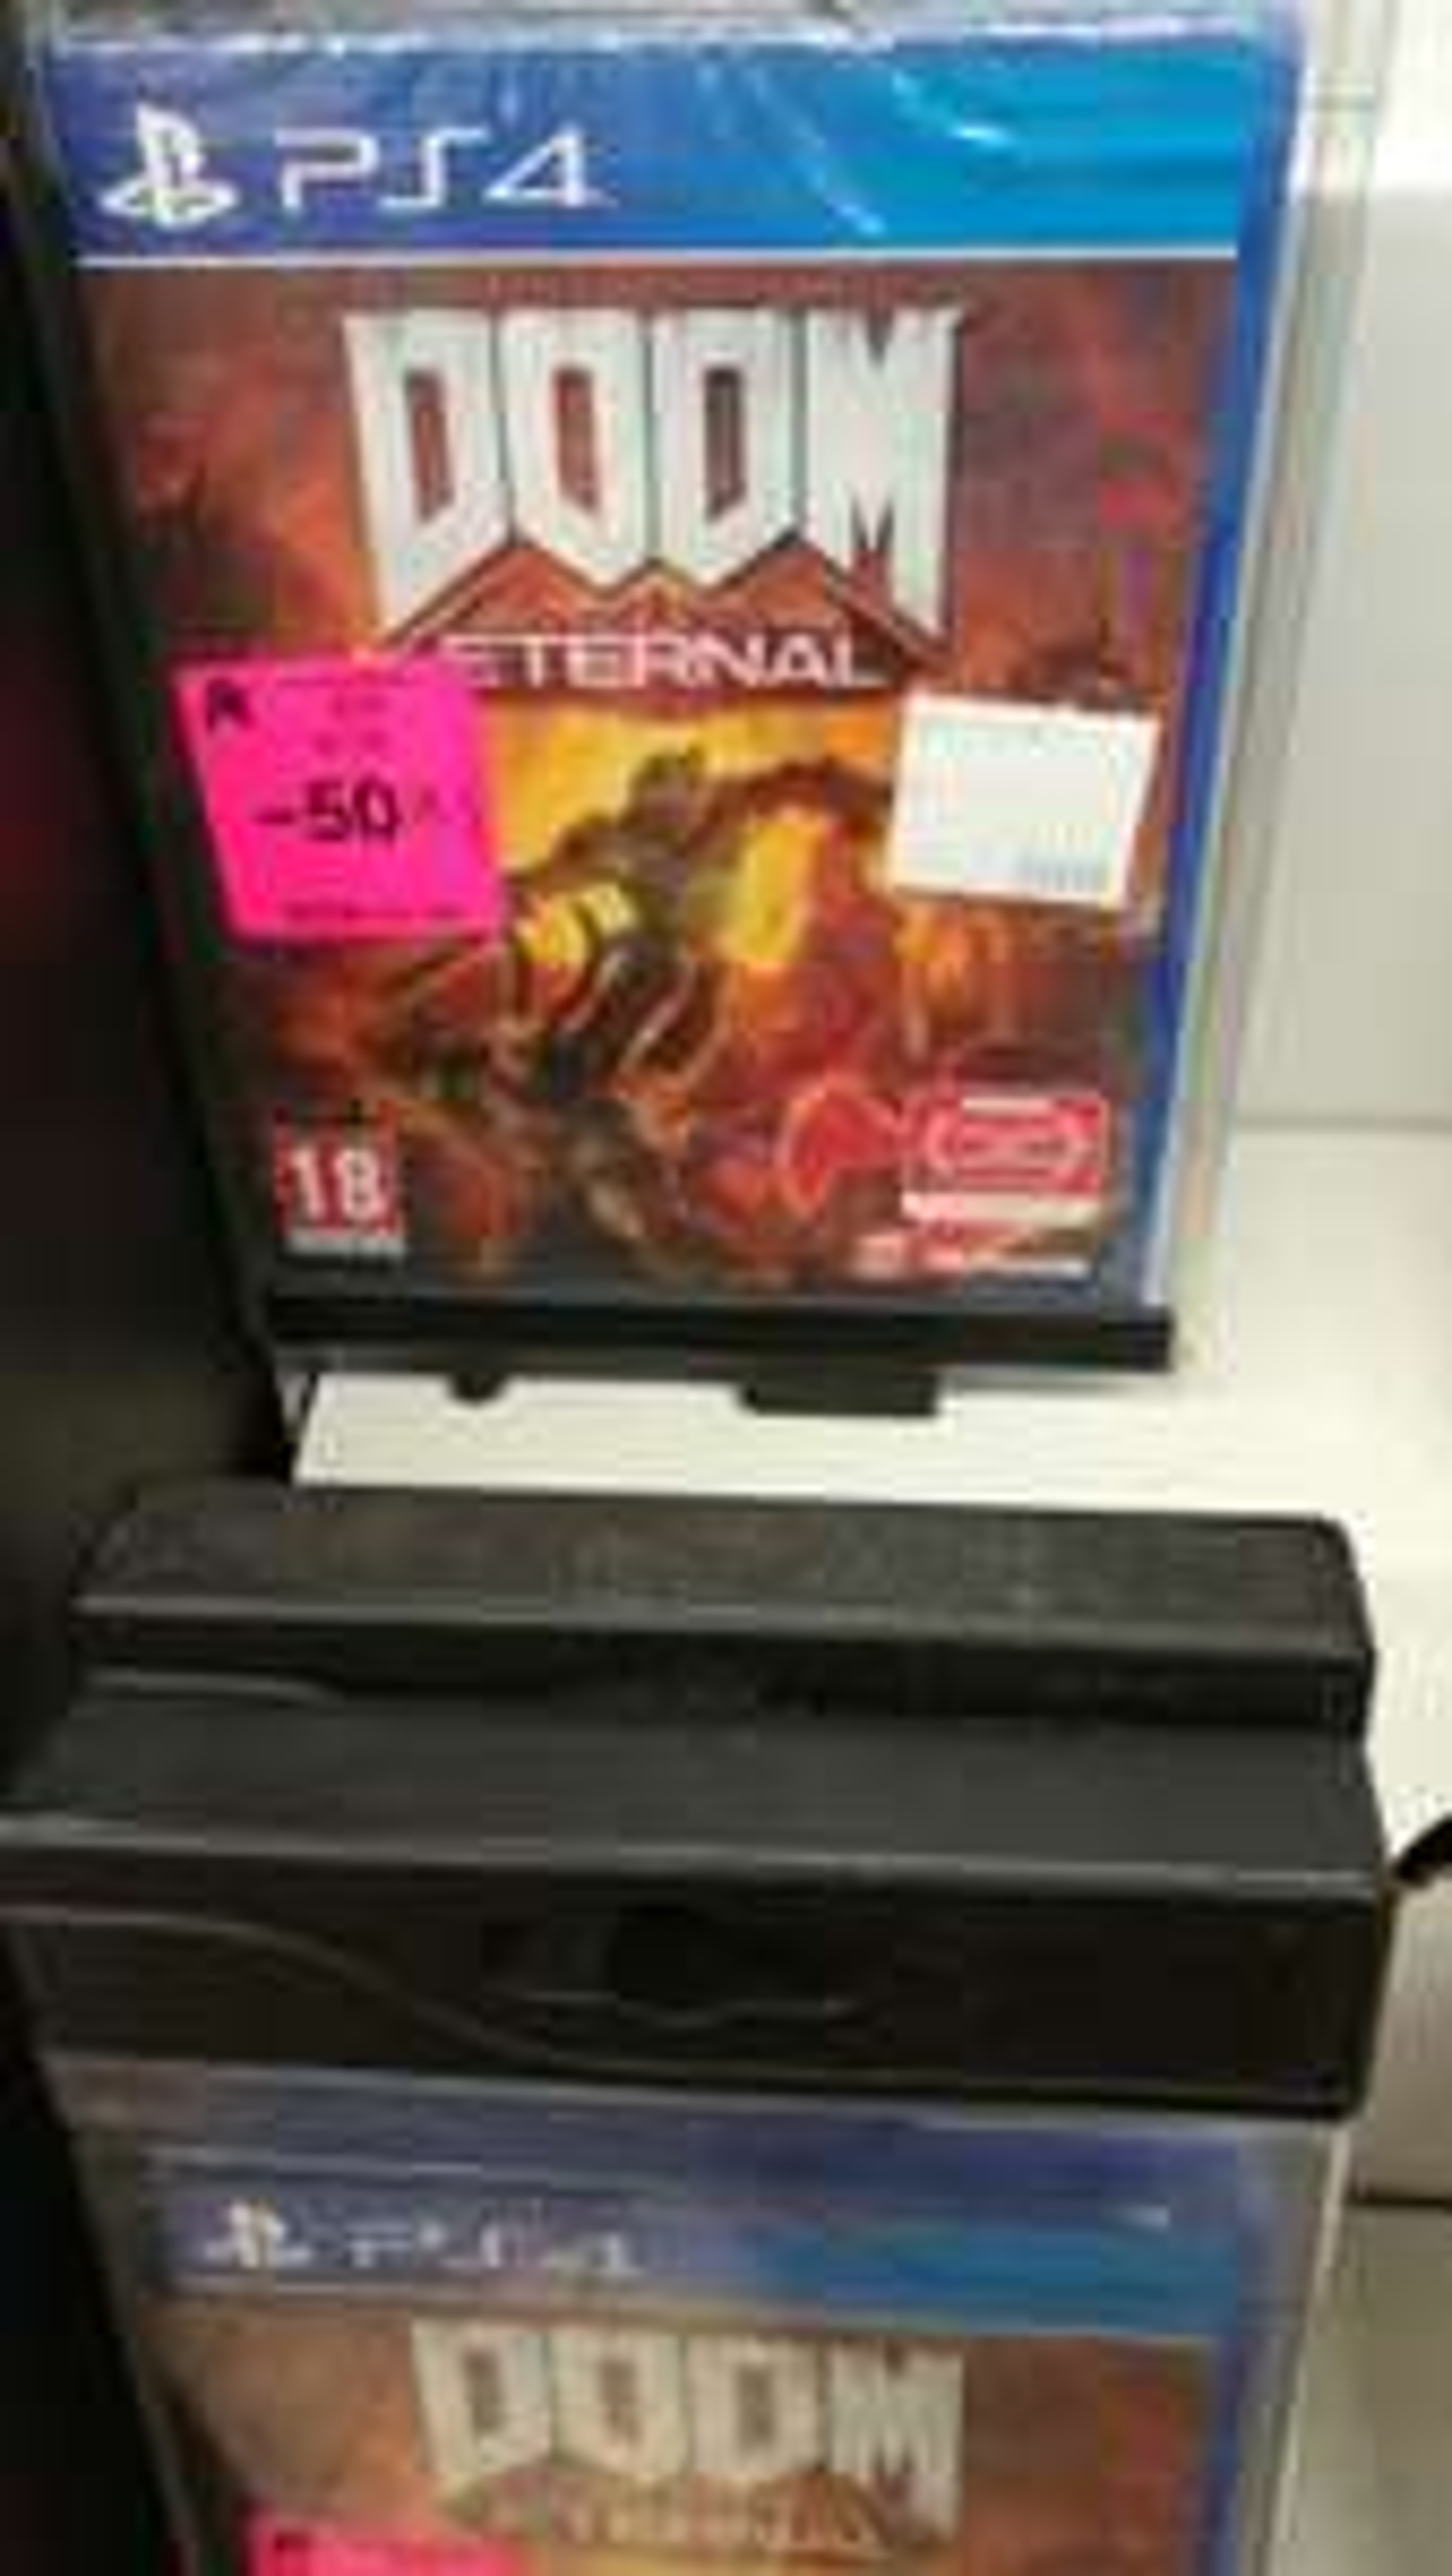 Jeu Doom Eternal sur PS4 - Béziers (34)